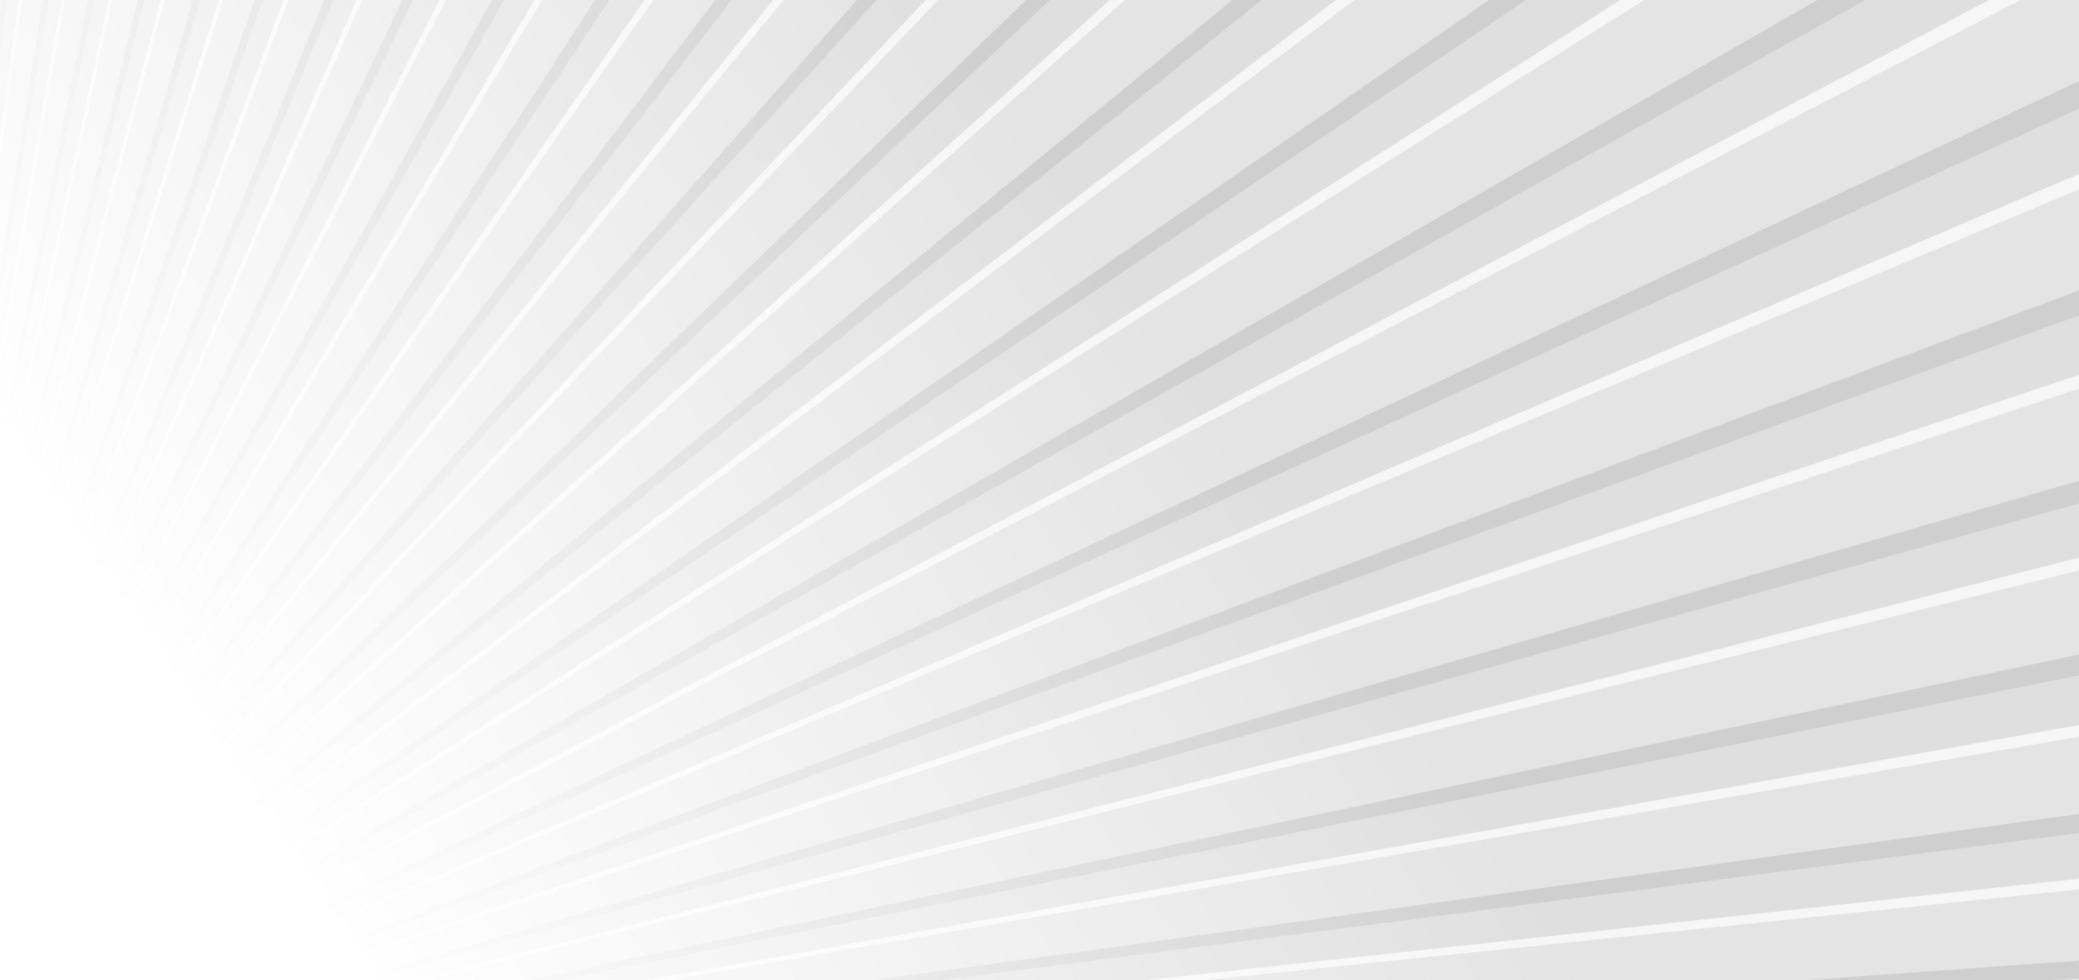 abstracte witte diagonale vorm met futuristische achtergrond vector